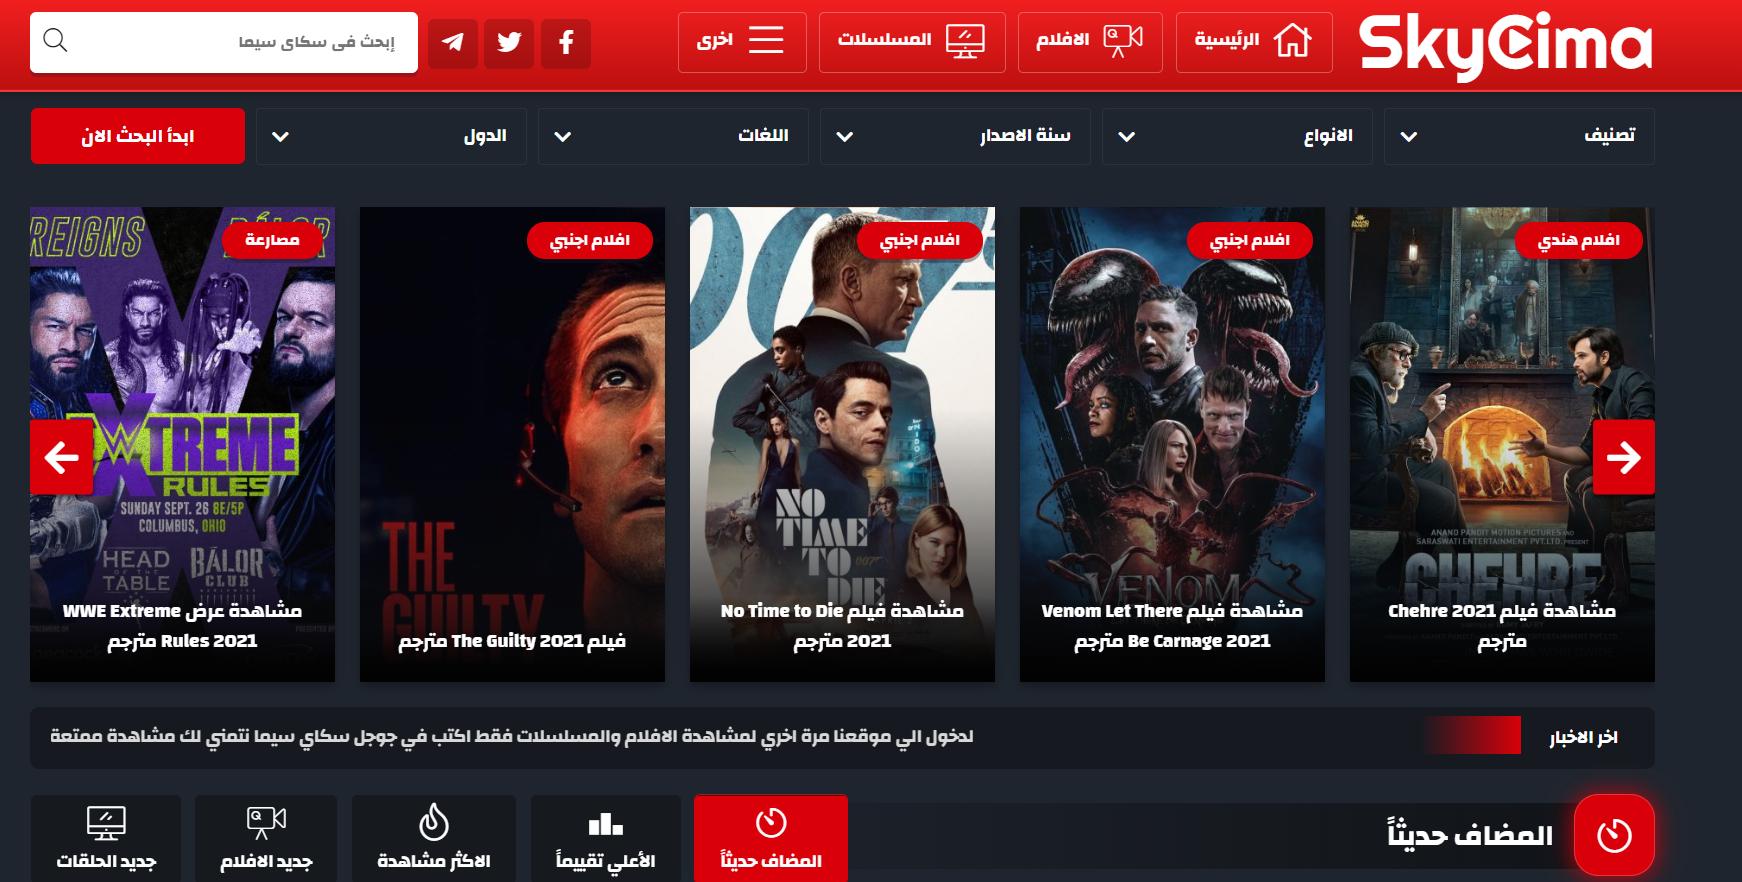 سكاي سيما .. أفضل موقع مسلسلات وأفلام في 2021